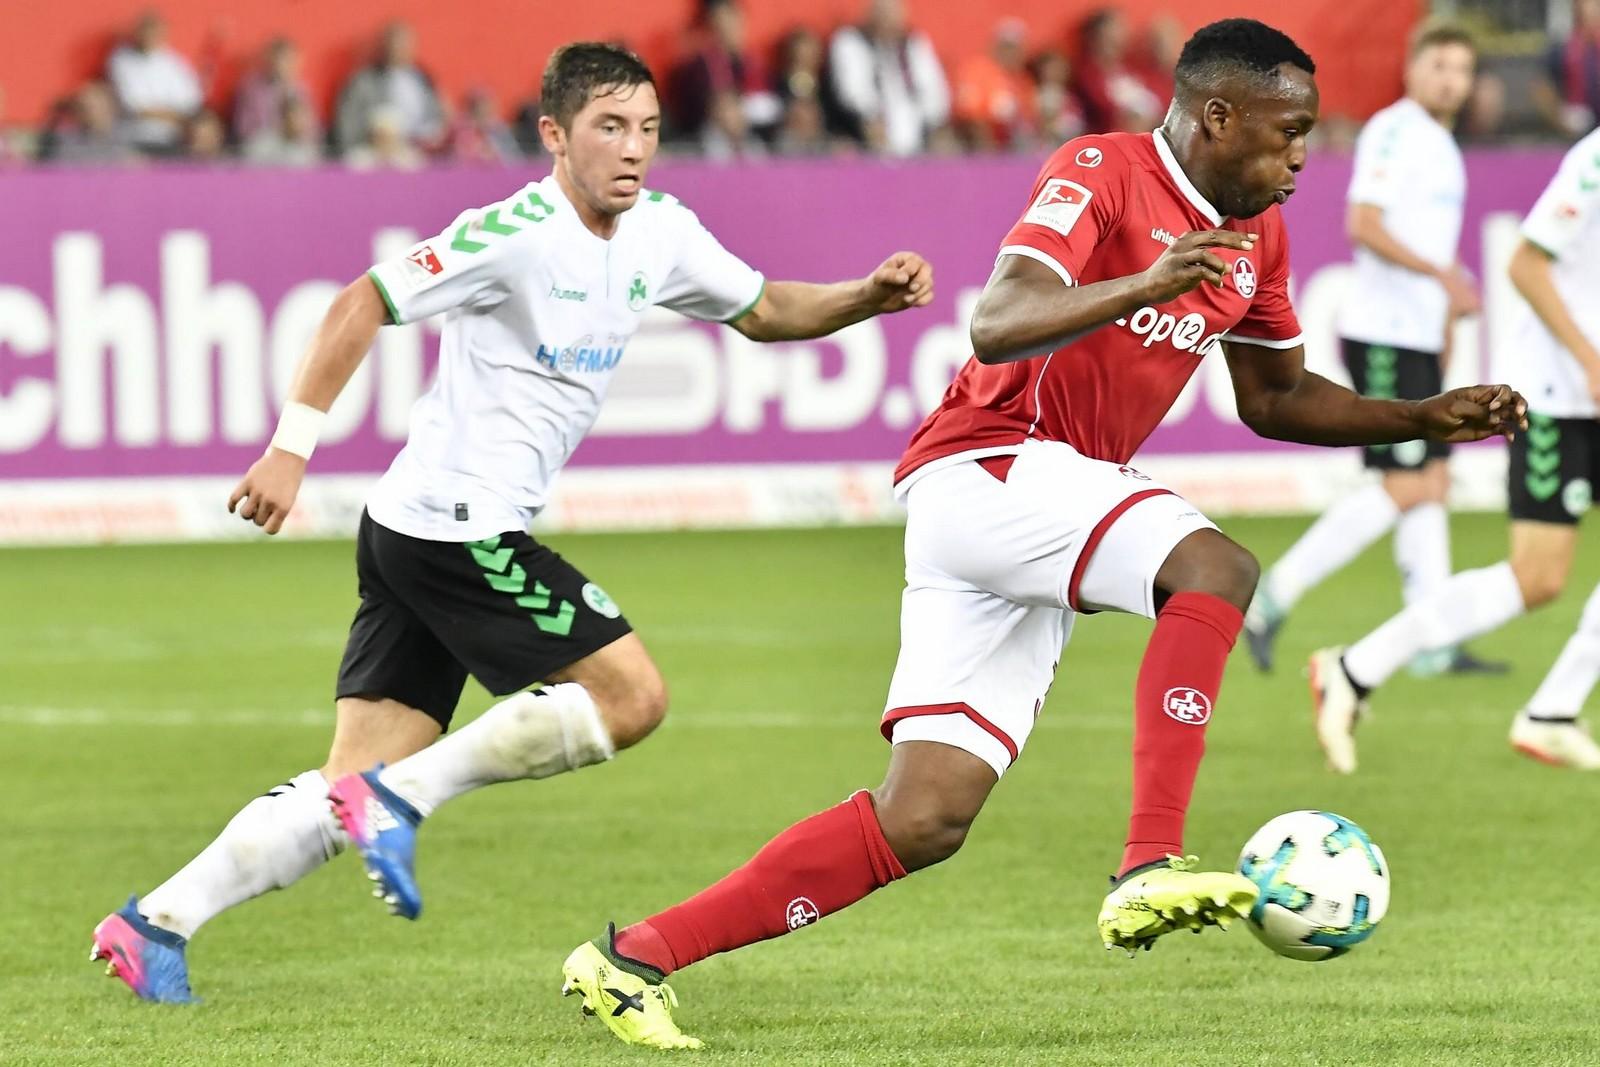 Maximilian Wittek von Greuther Fürth gegen Osayamen Osawe vom 1. FC Kaiserslautern